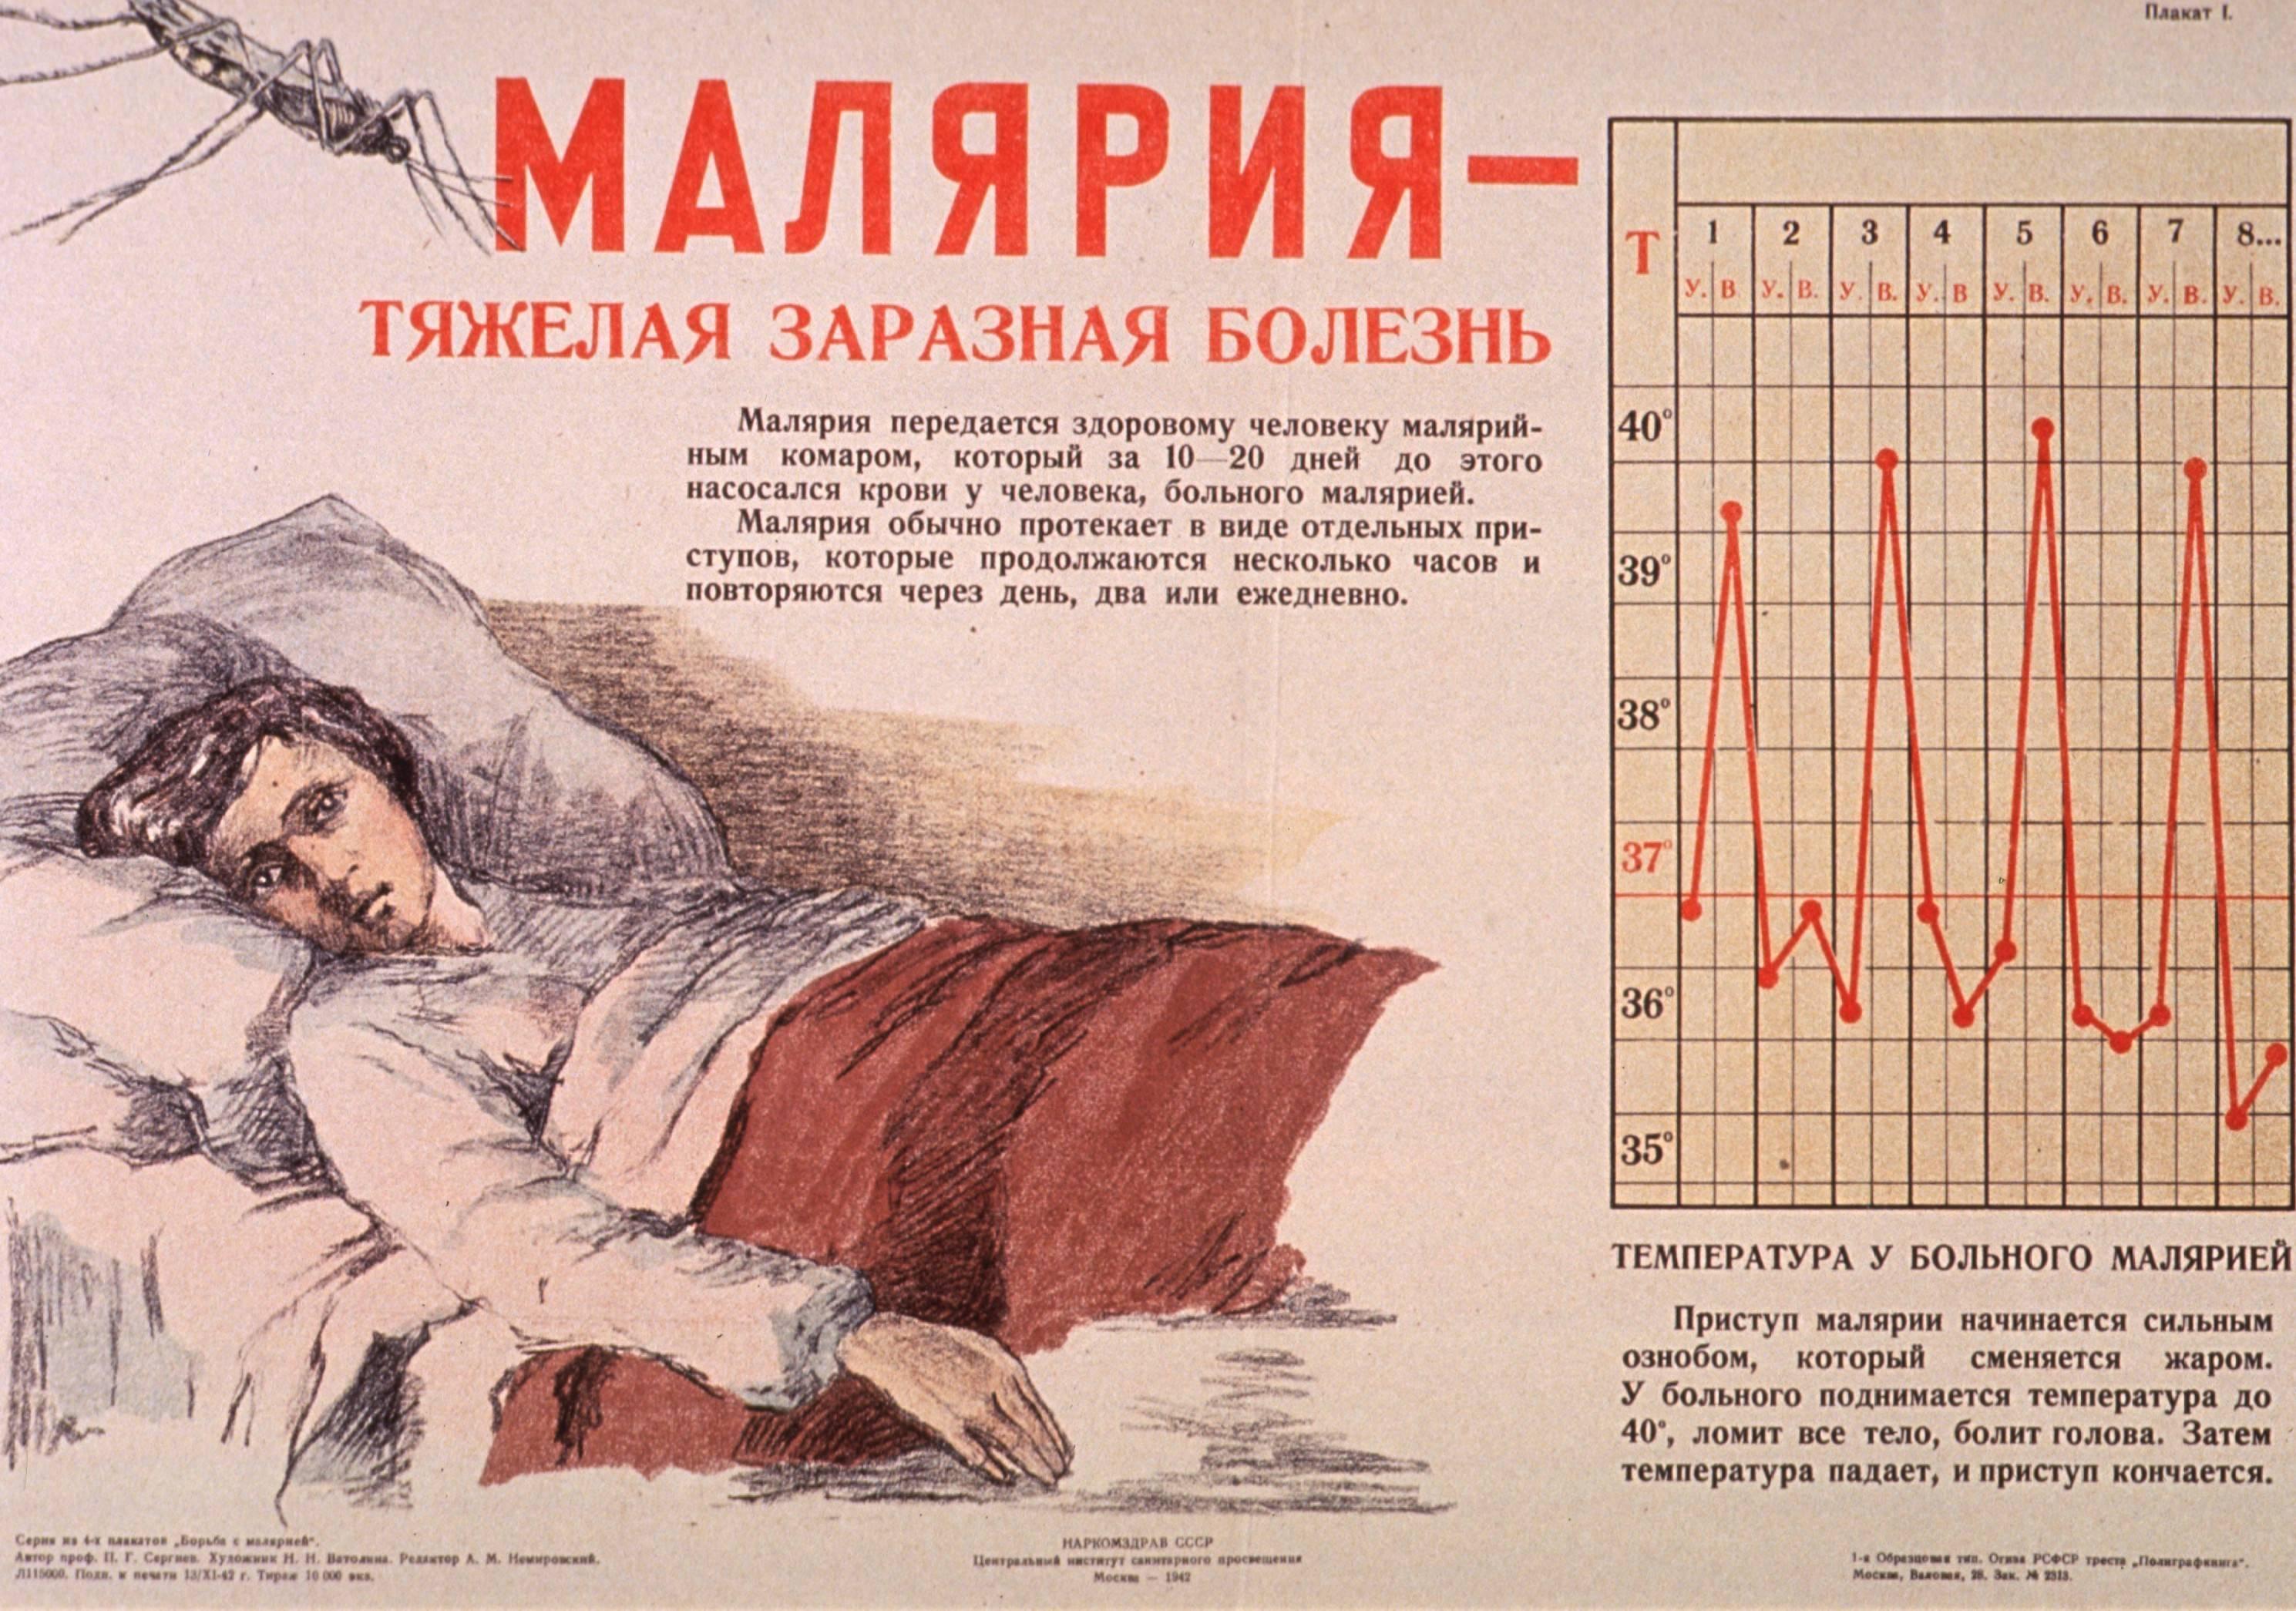 передается ли малярия от человека к человеку